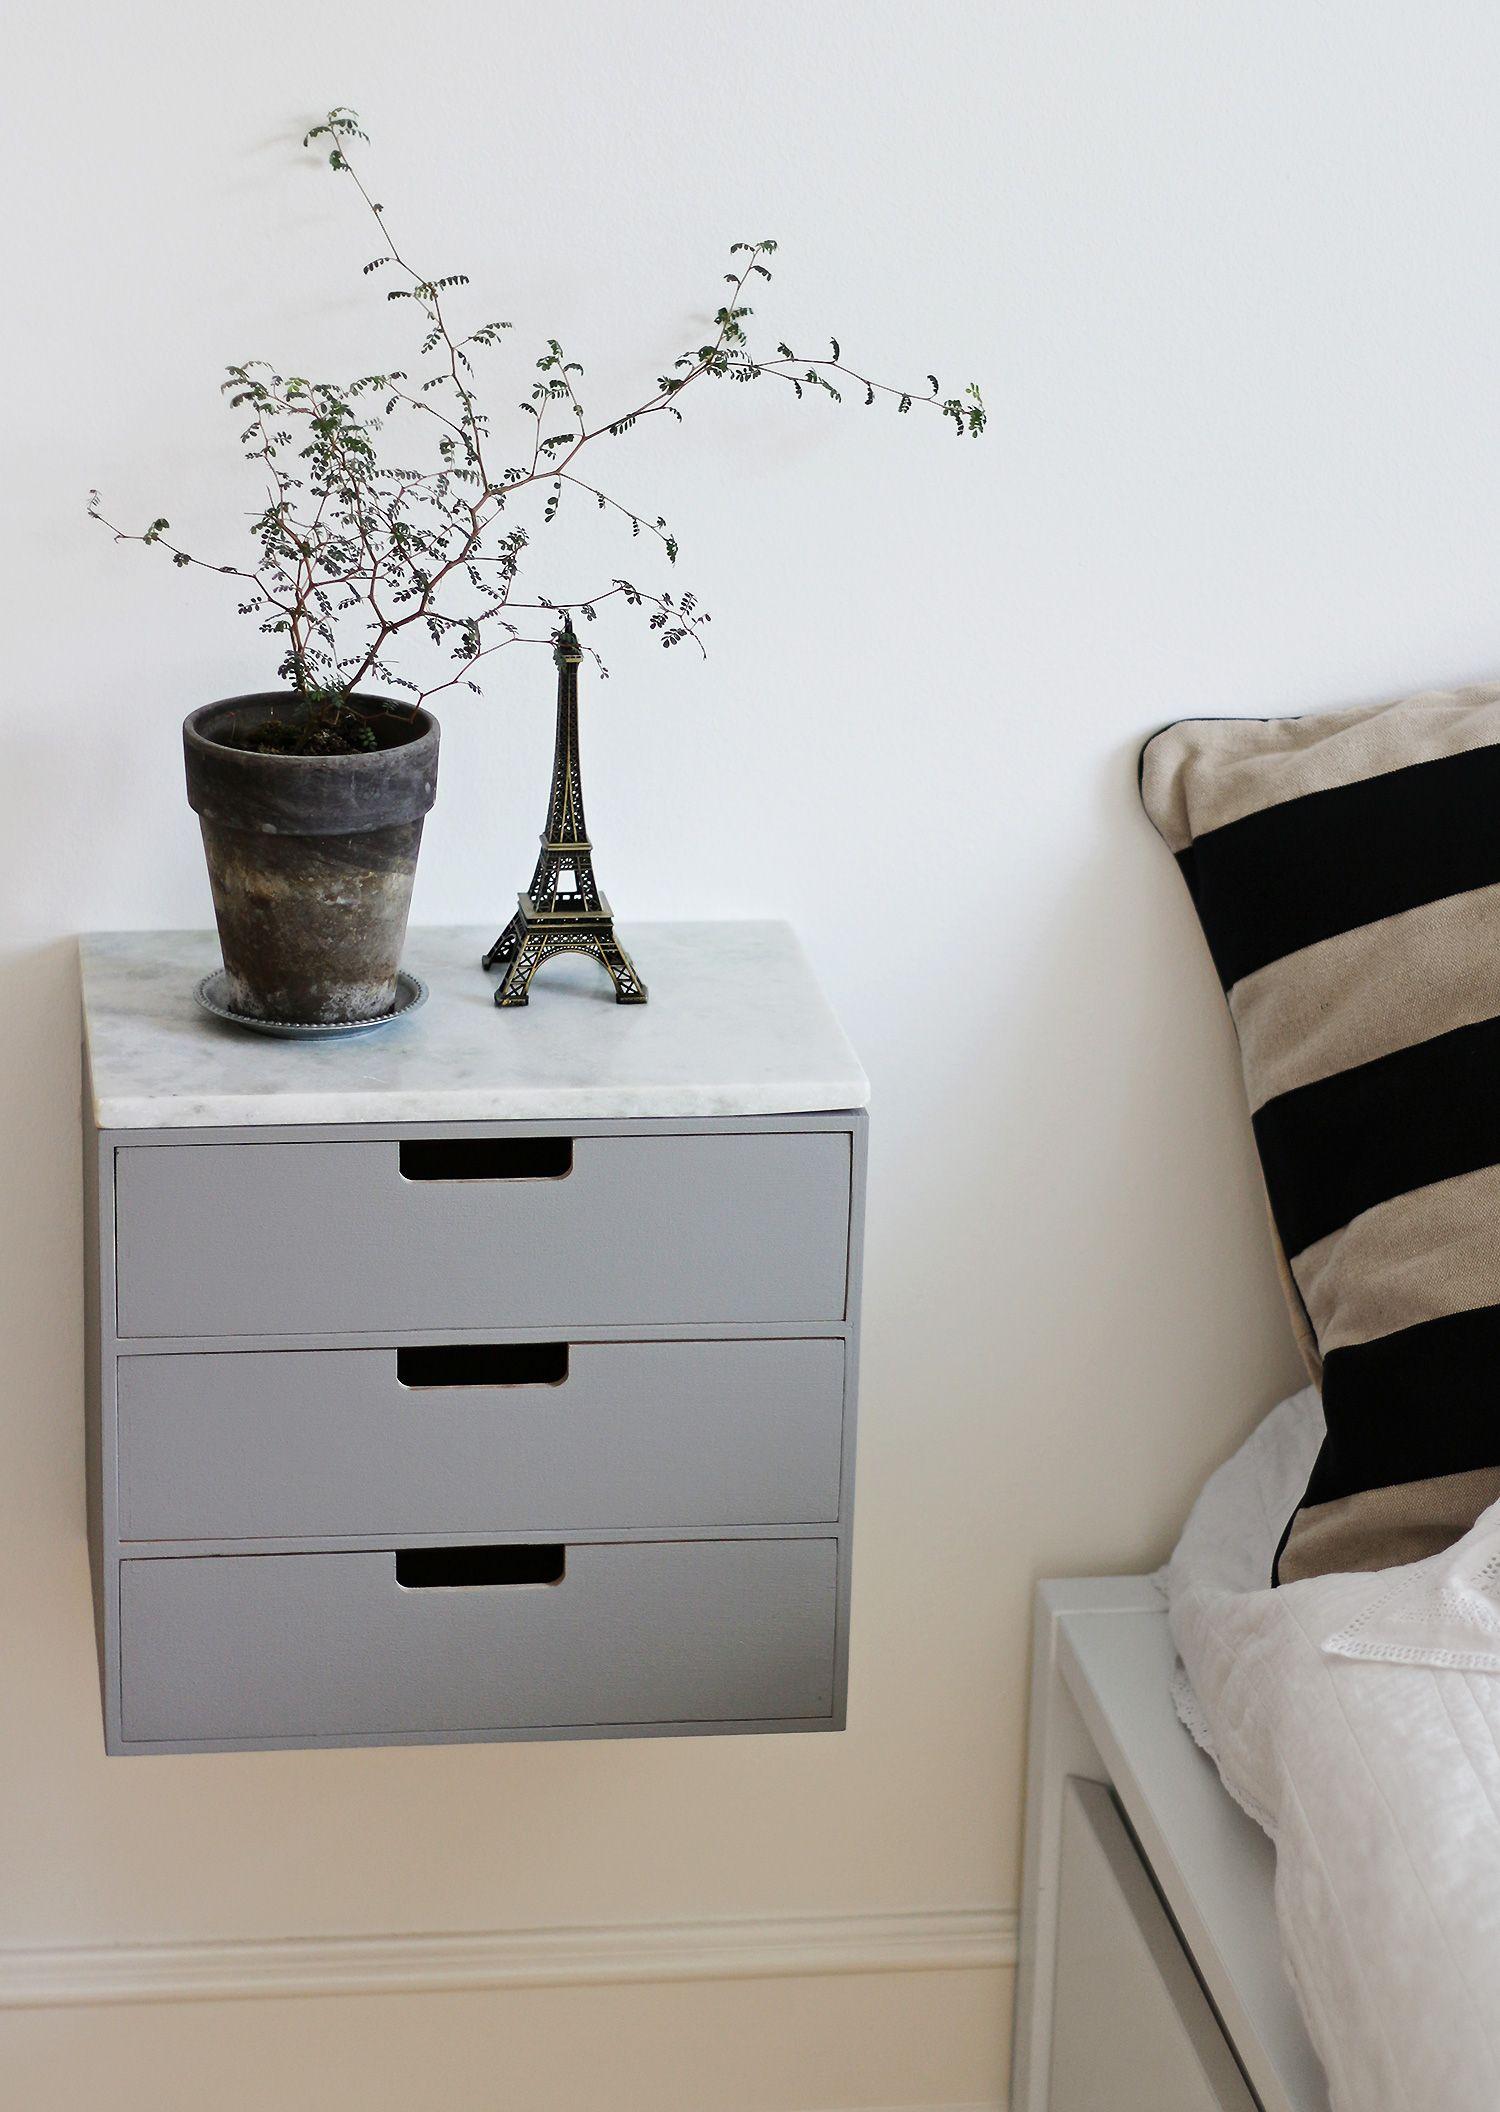 Af modish natbord-sengebord-sidebord-væghængt@2x … | Dekorace i 2019 … HC23